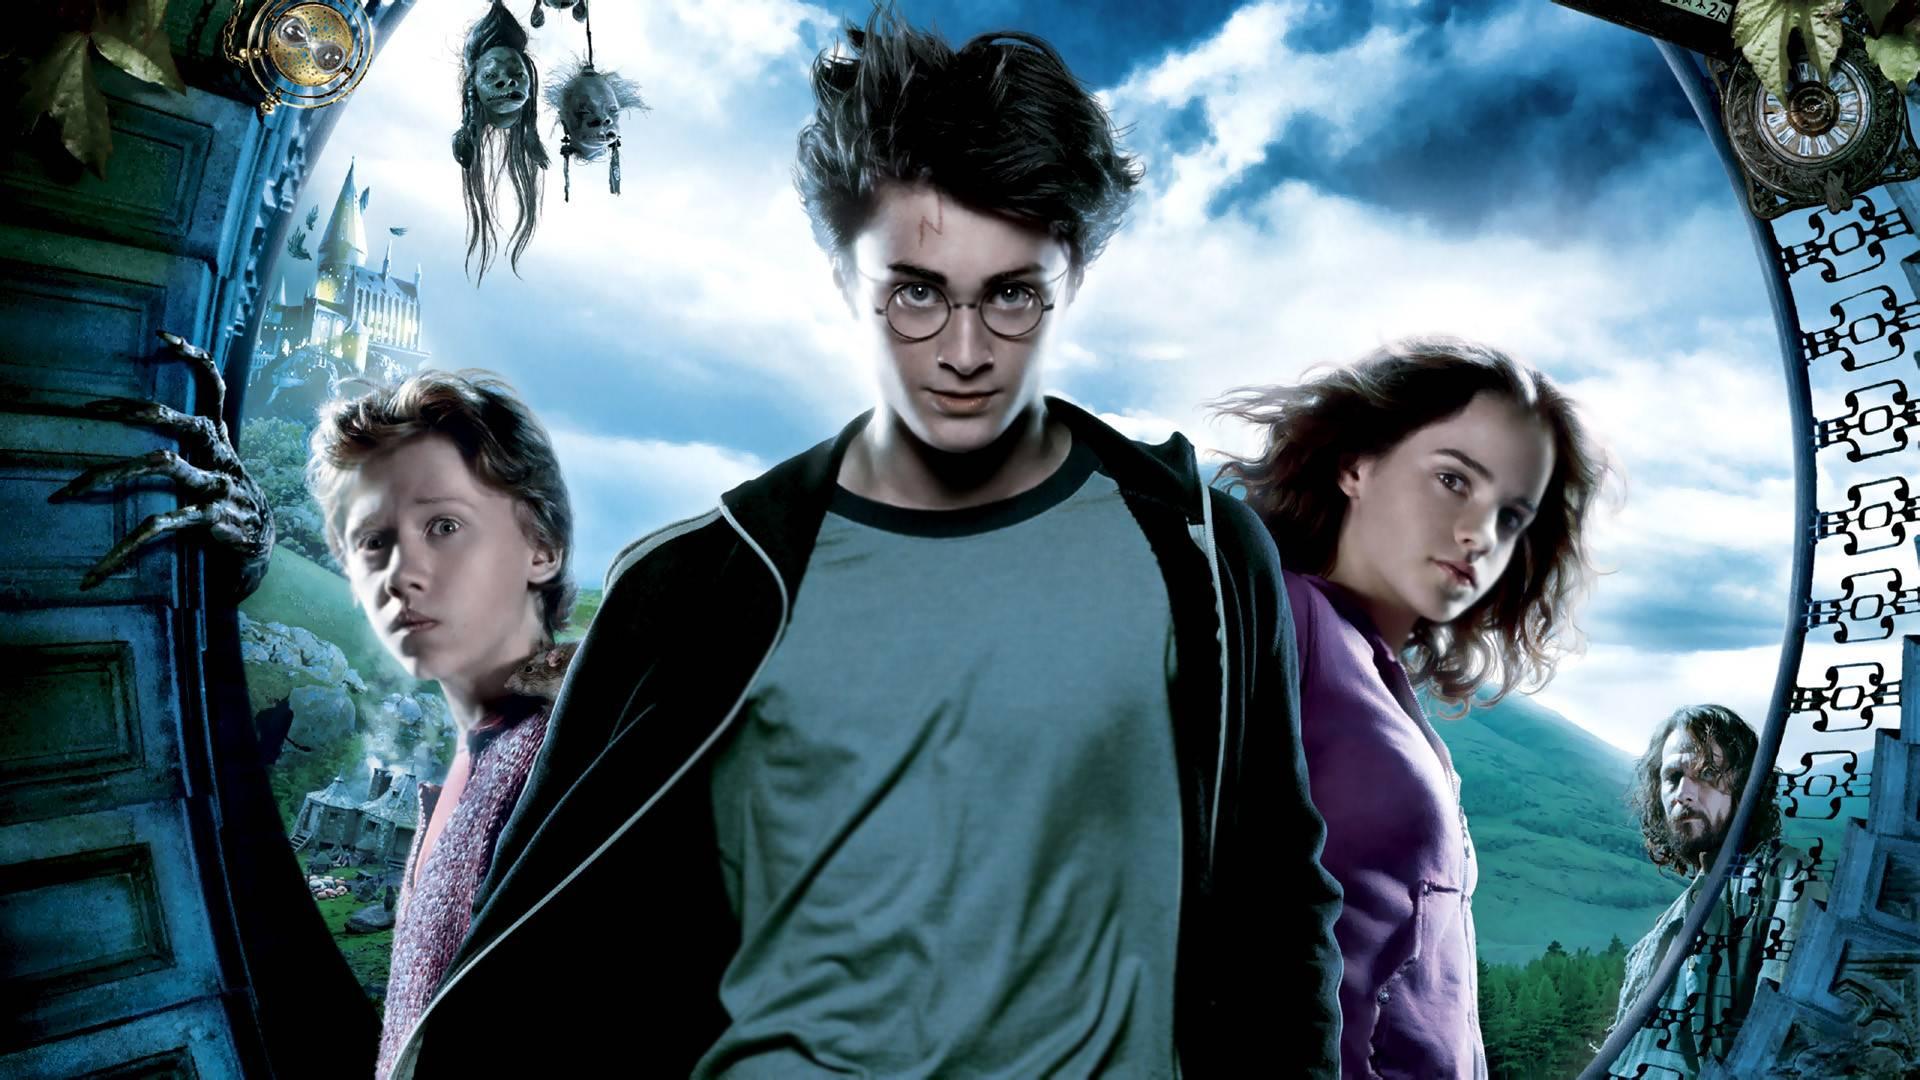 Harry Potter and the Prisoner of Azkaban (Wallpaper) - Fantasy